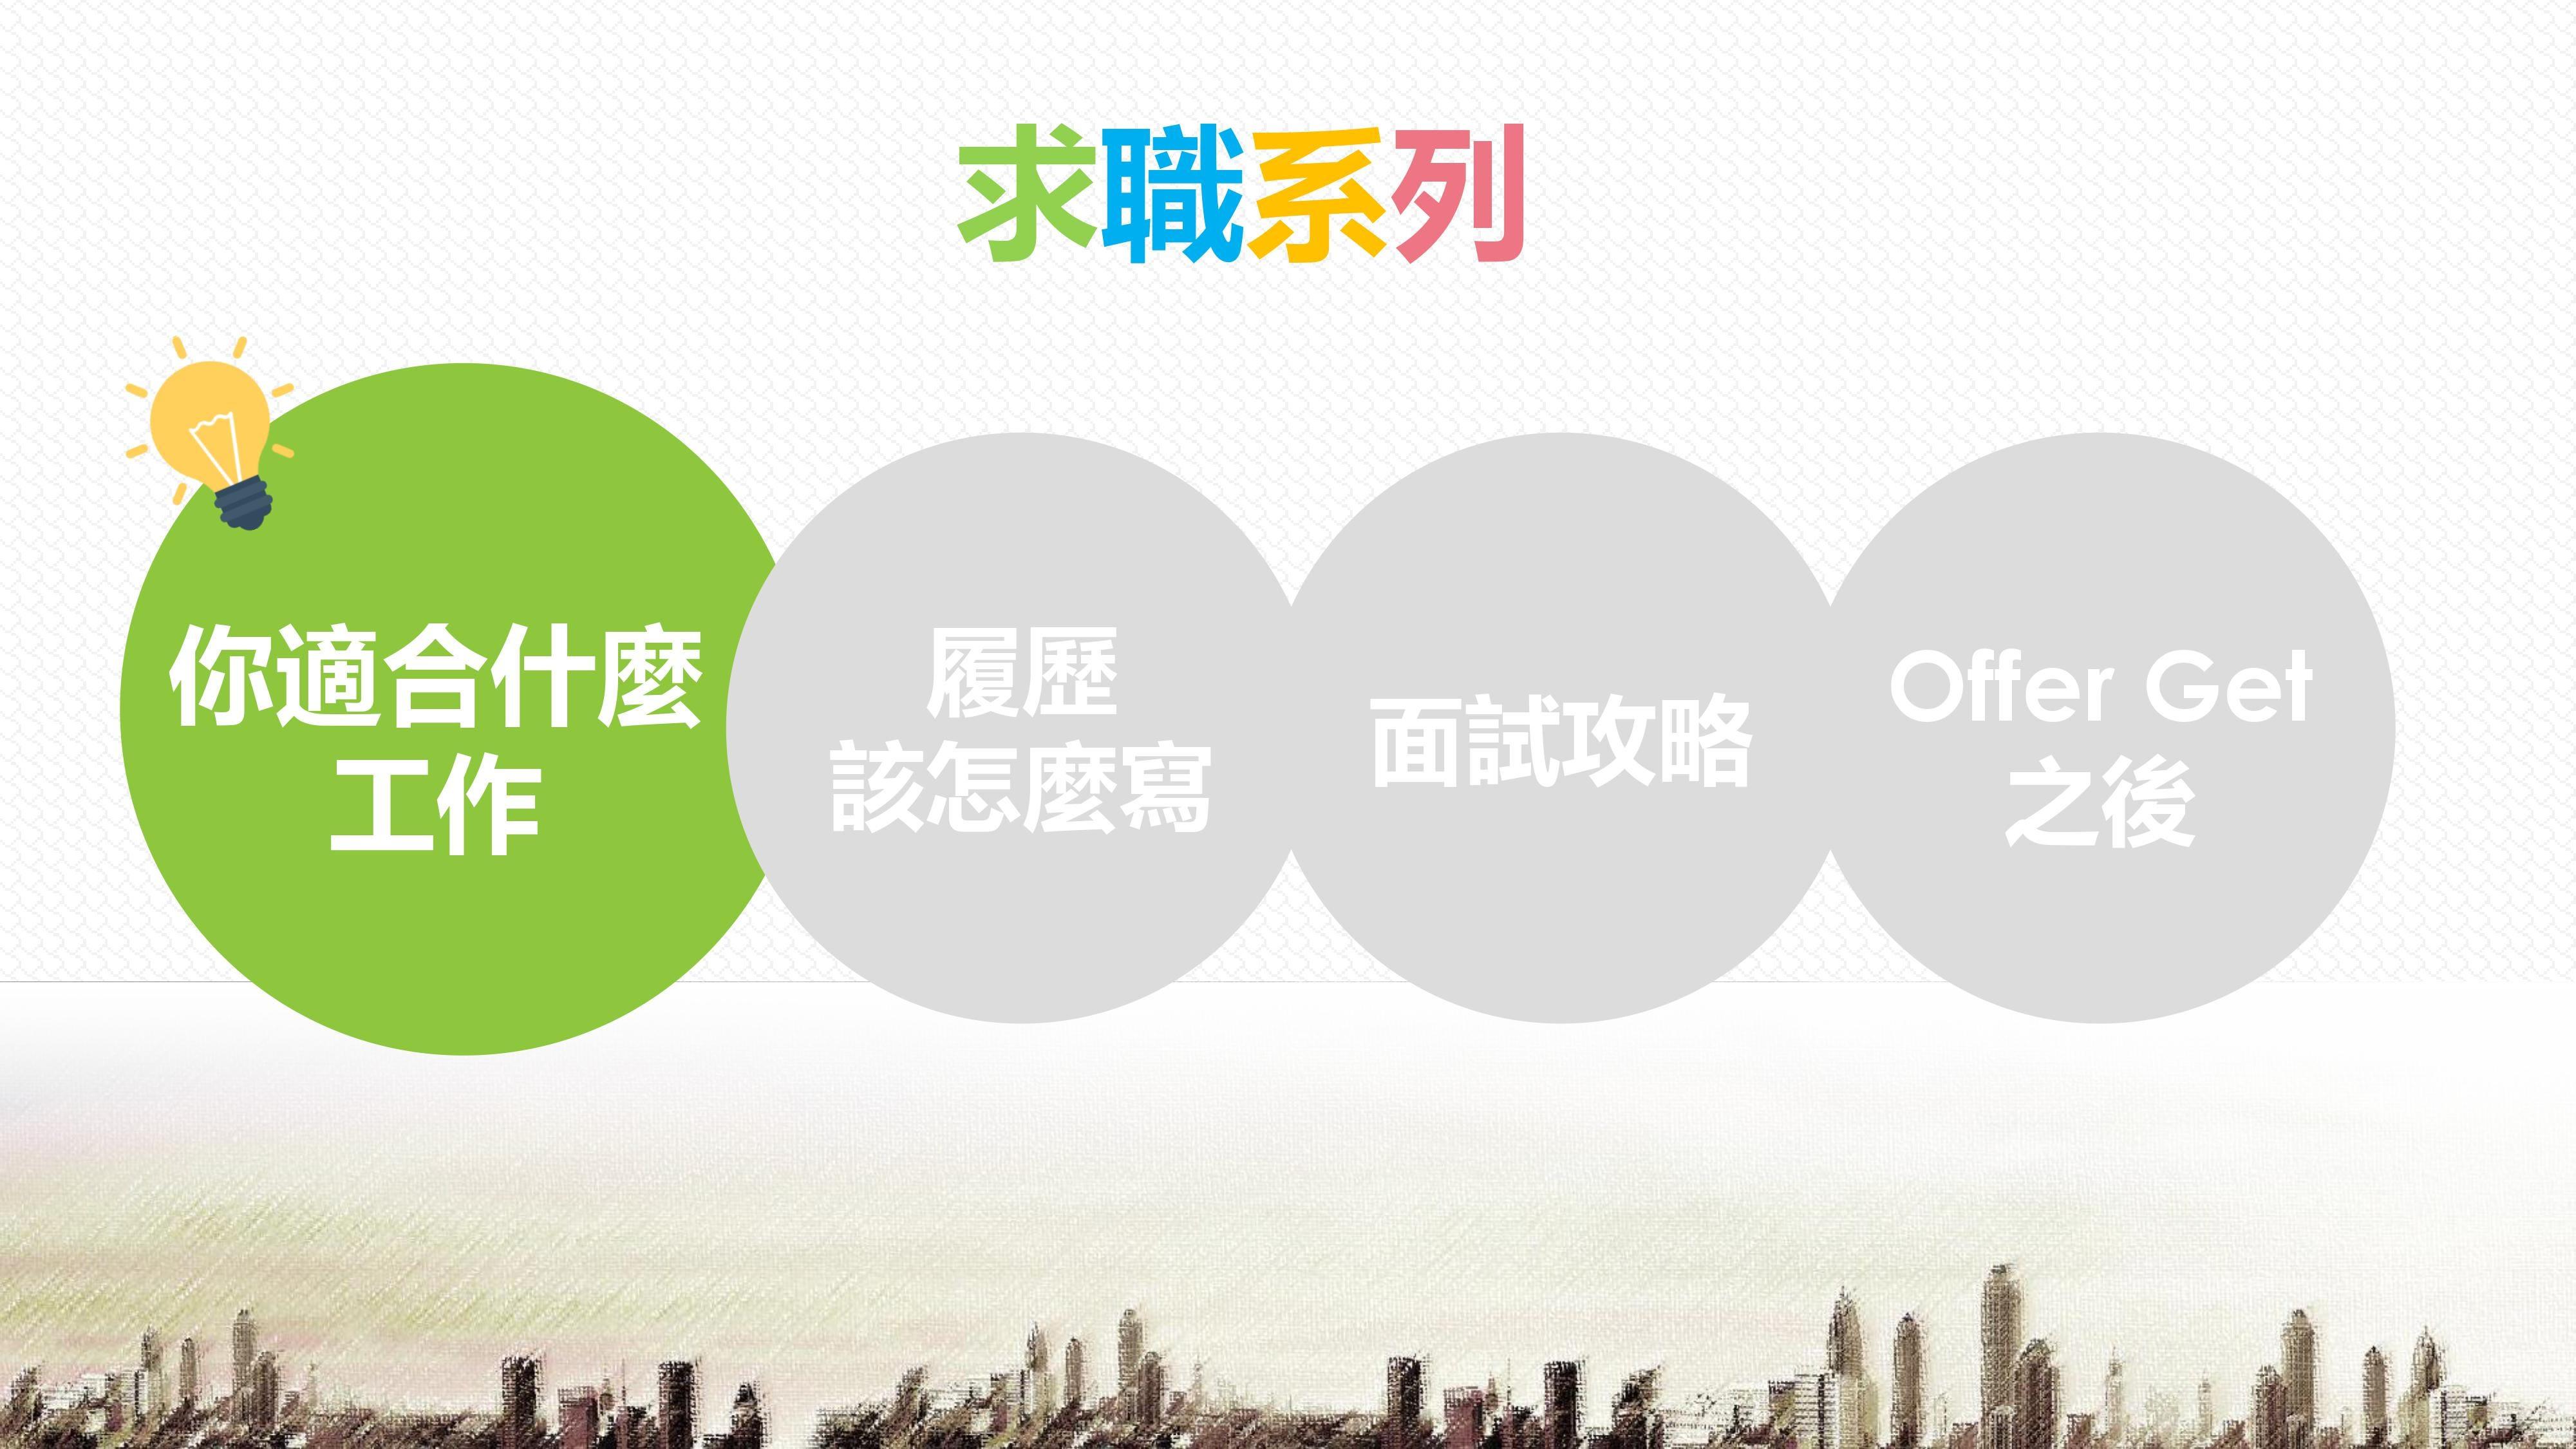 【求職#1】職涯方向怎麼找?你得先打破用興趣找工作的迷思 - Ina Wang - Medium